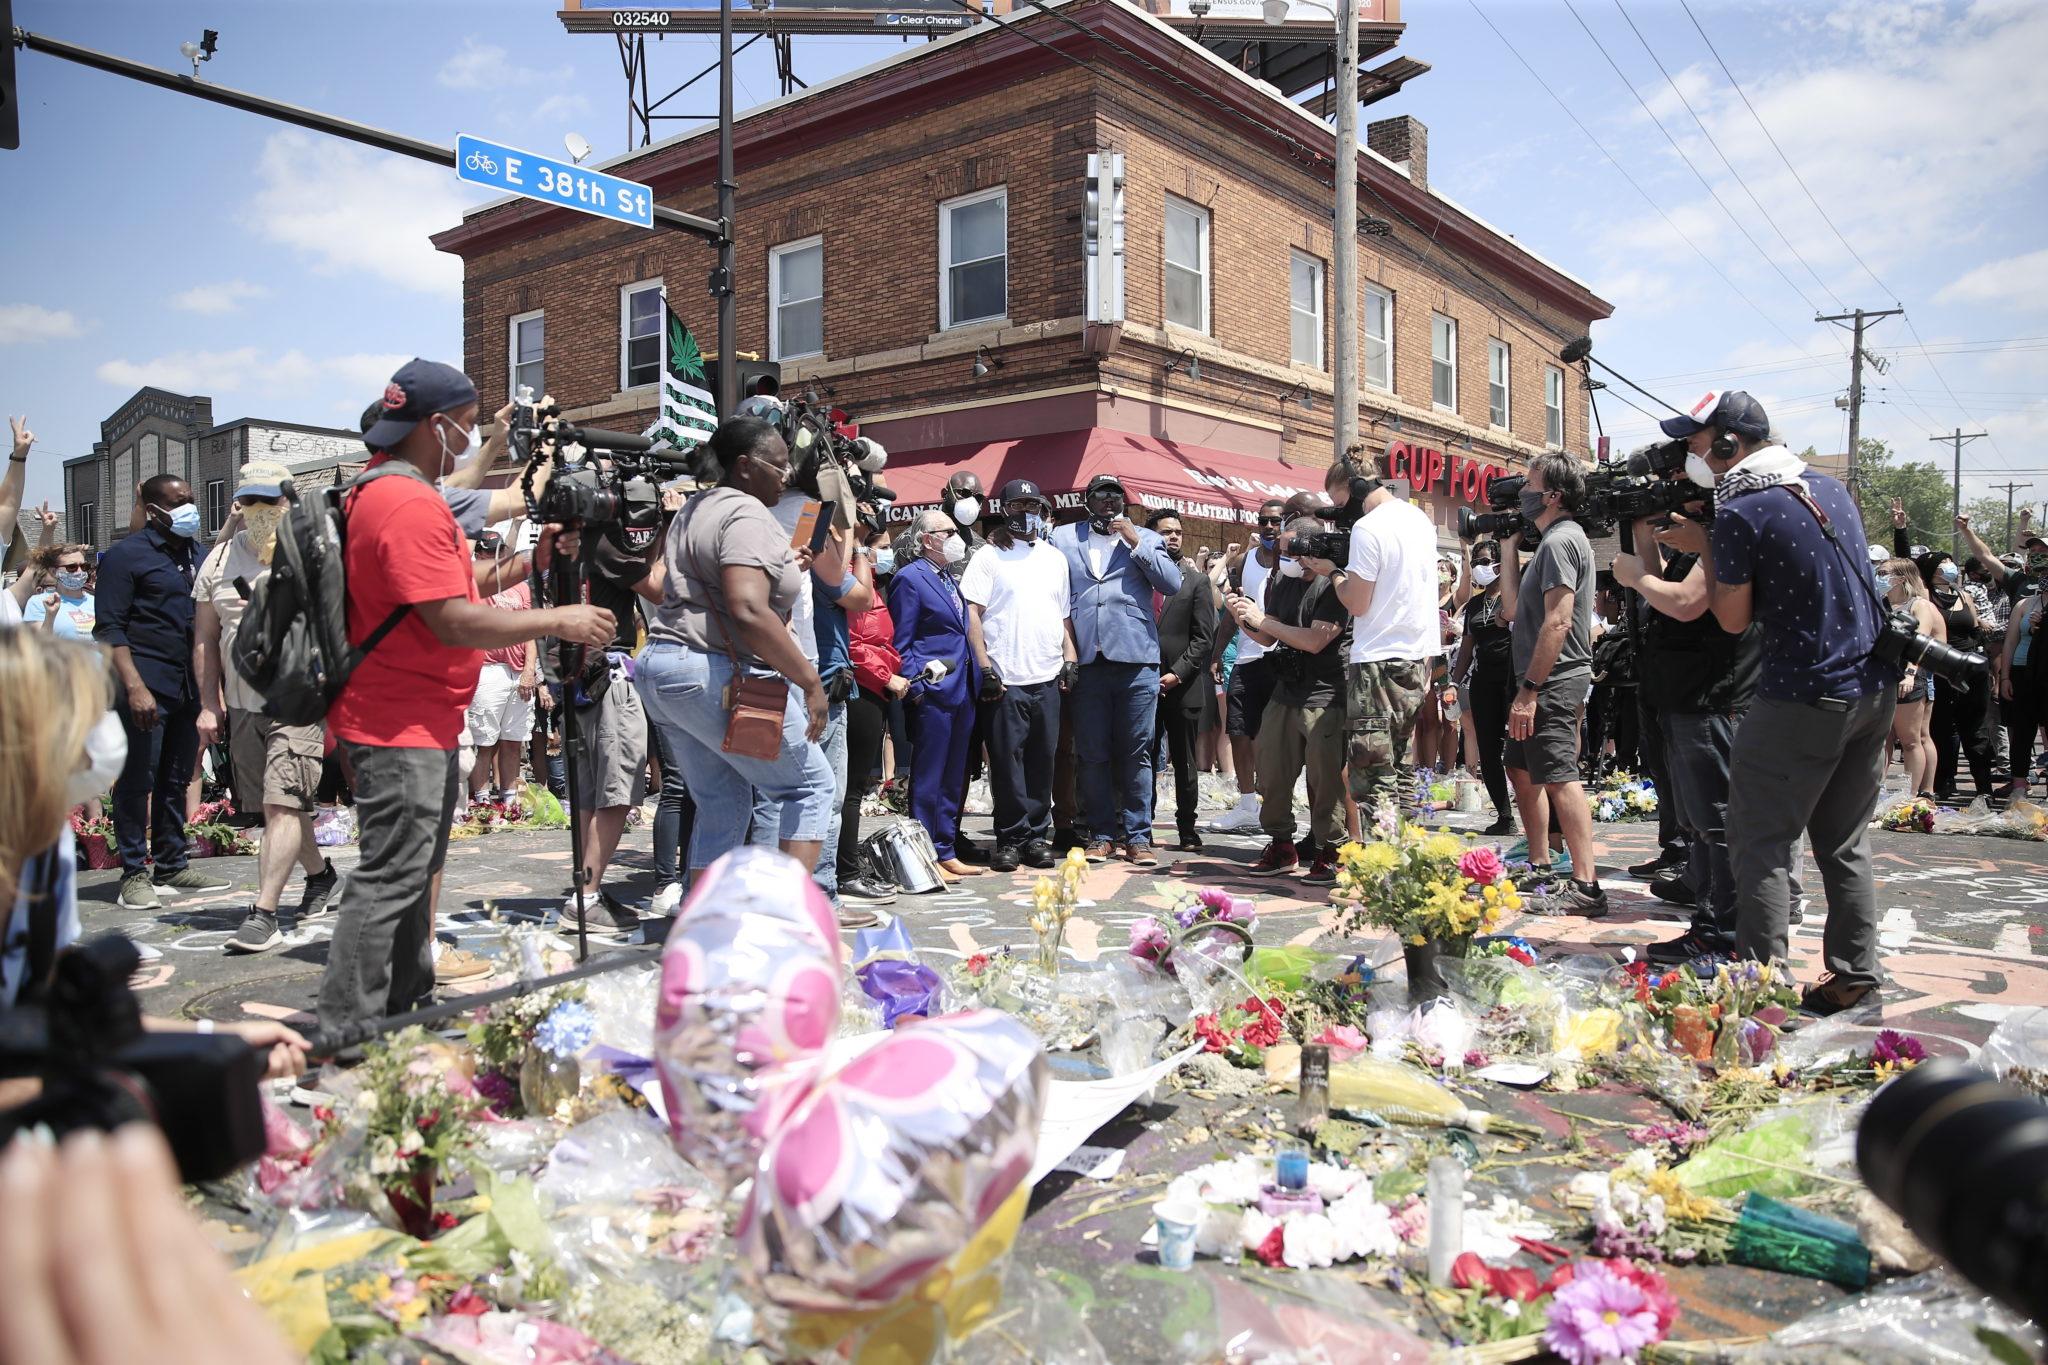 Protesty po śmierci Floyda. USa. Fot. EPA/TANNEN MAURY